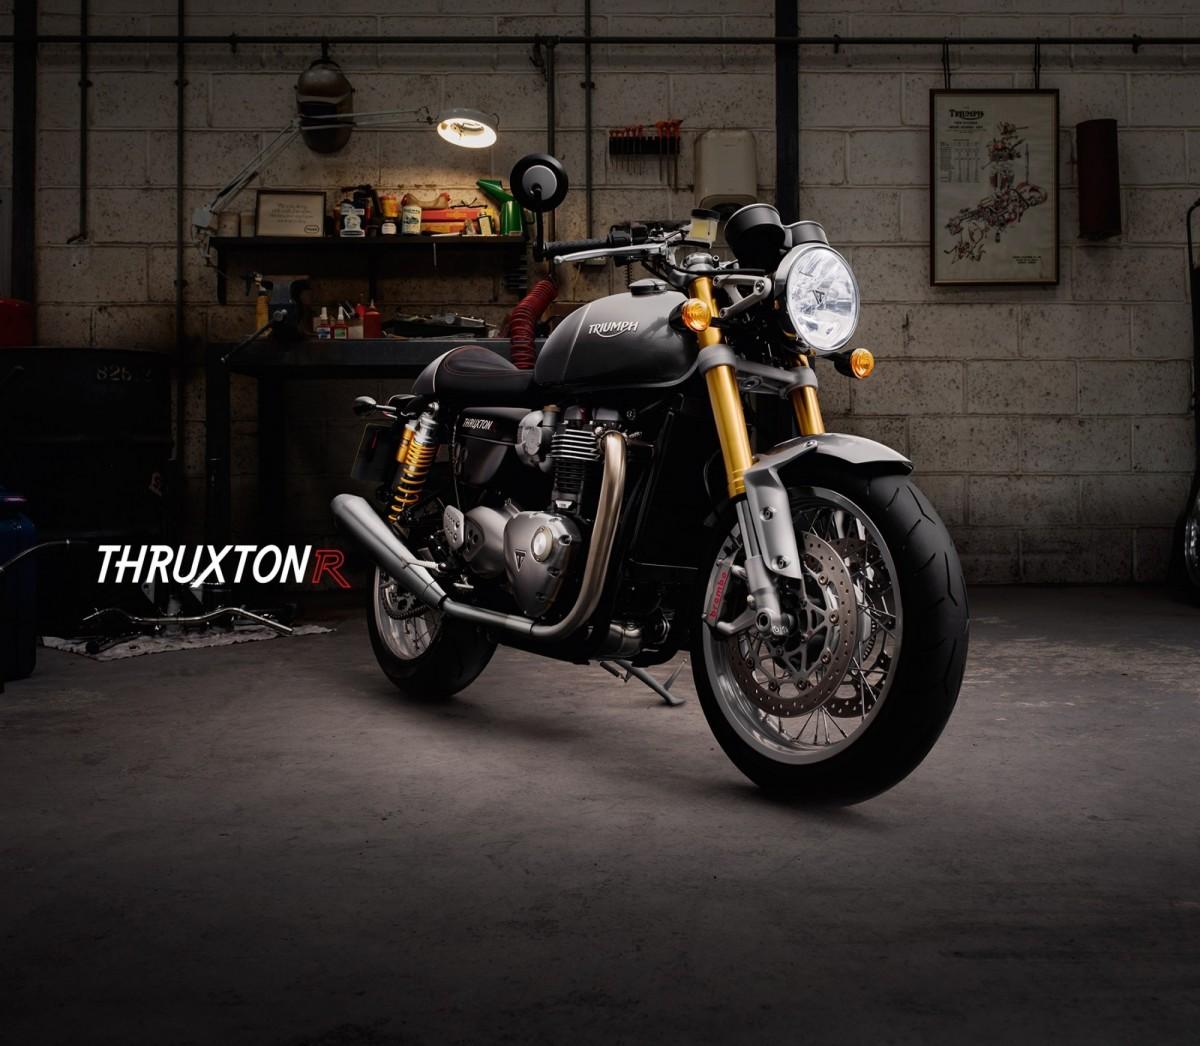 Обновленные Thruxton от Triumph